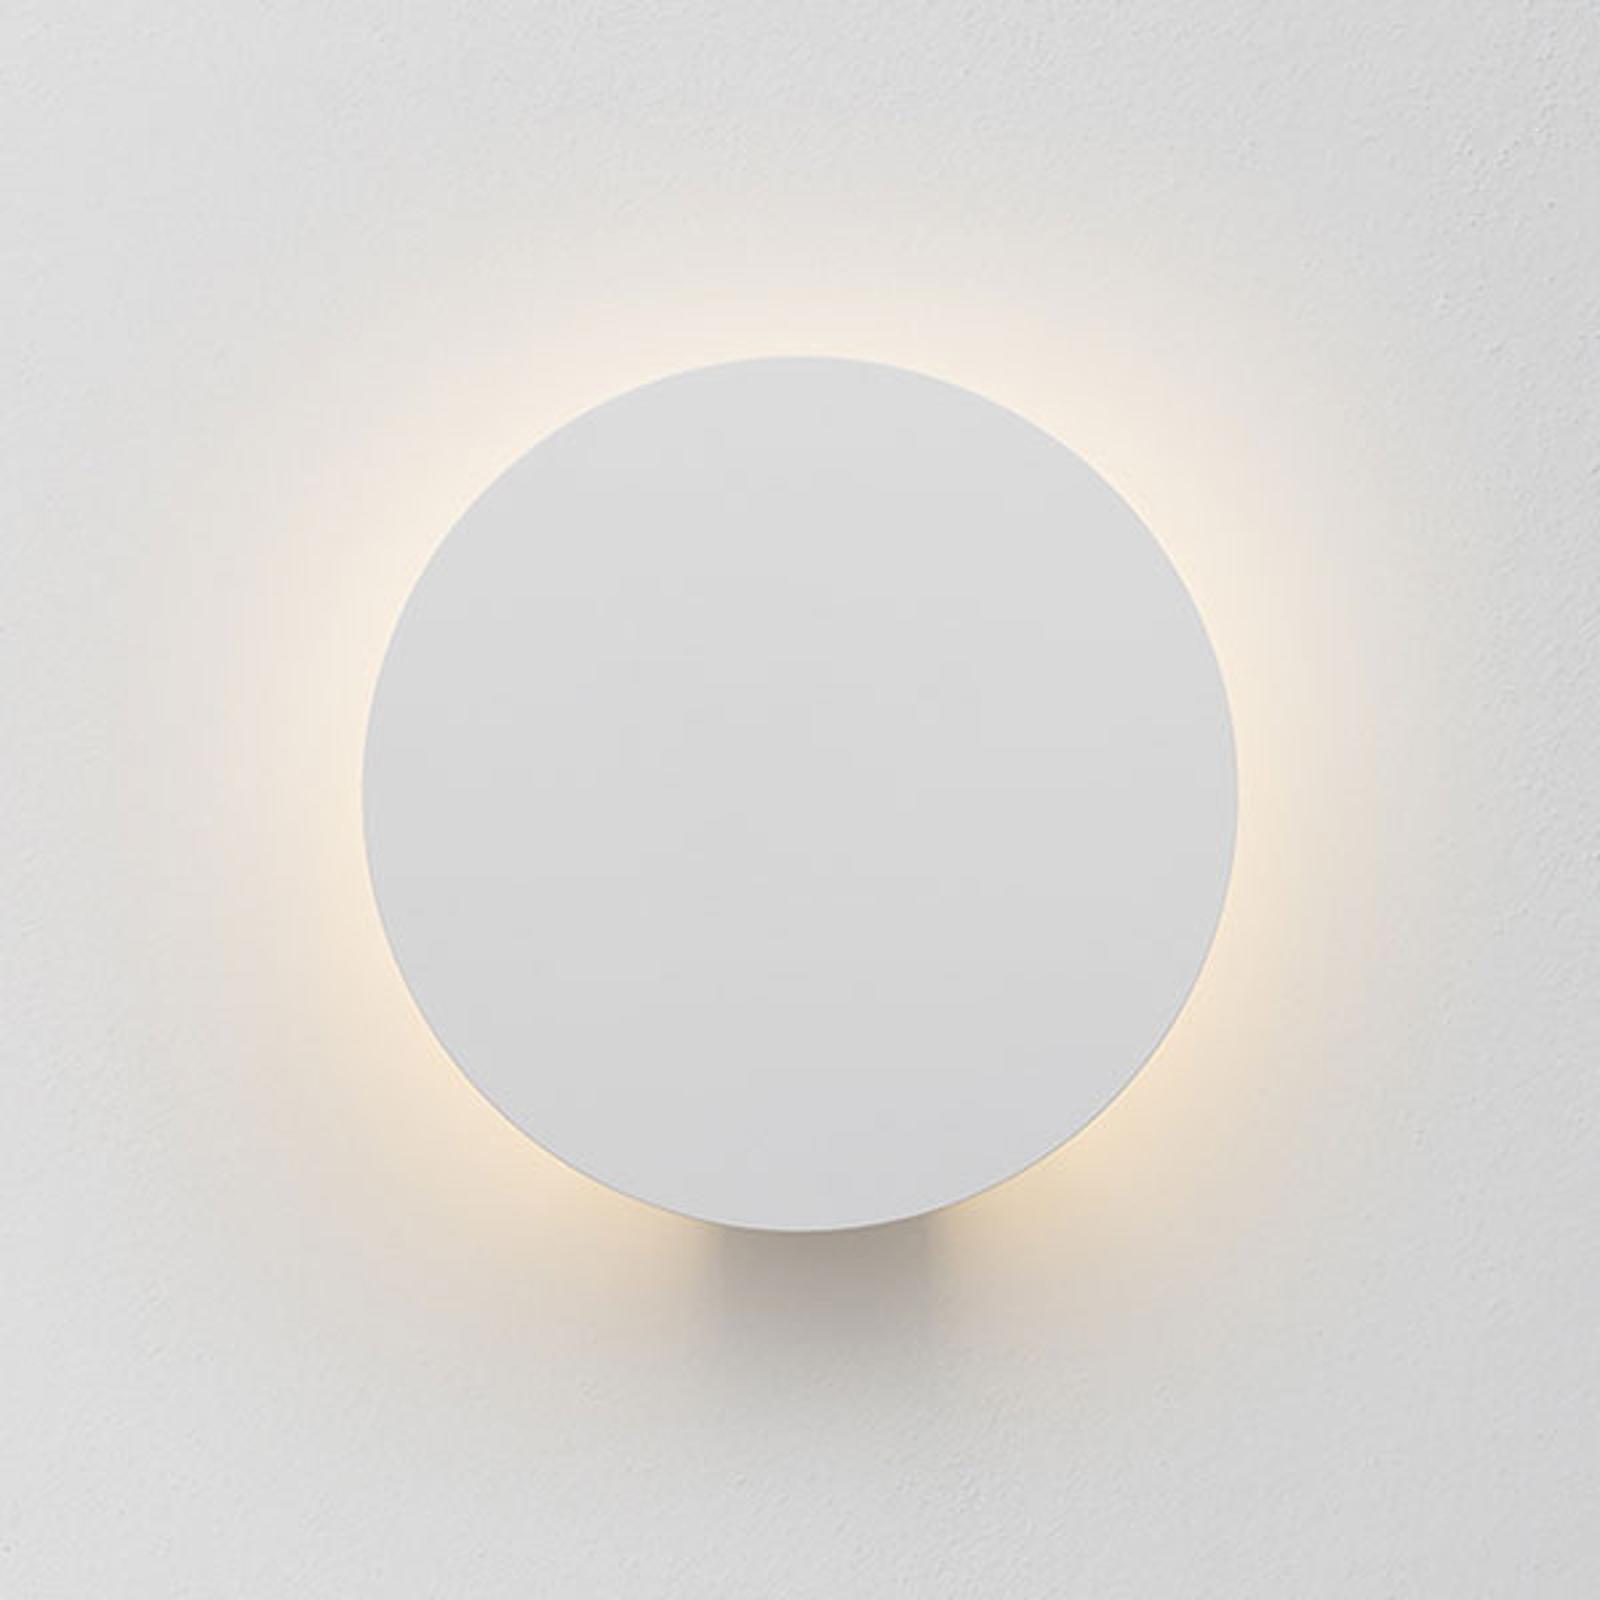 Rotaliana Collide H0 kinkiet LED biały 2700K